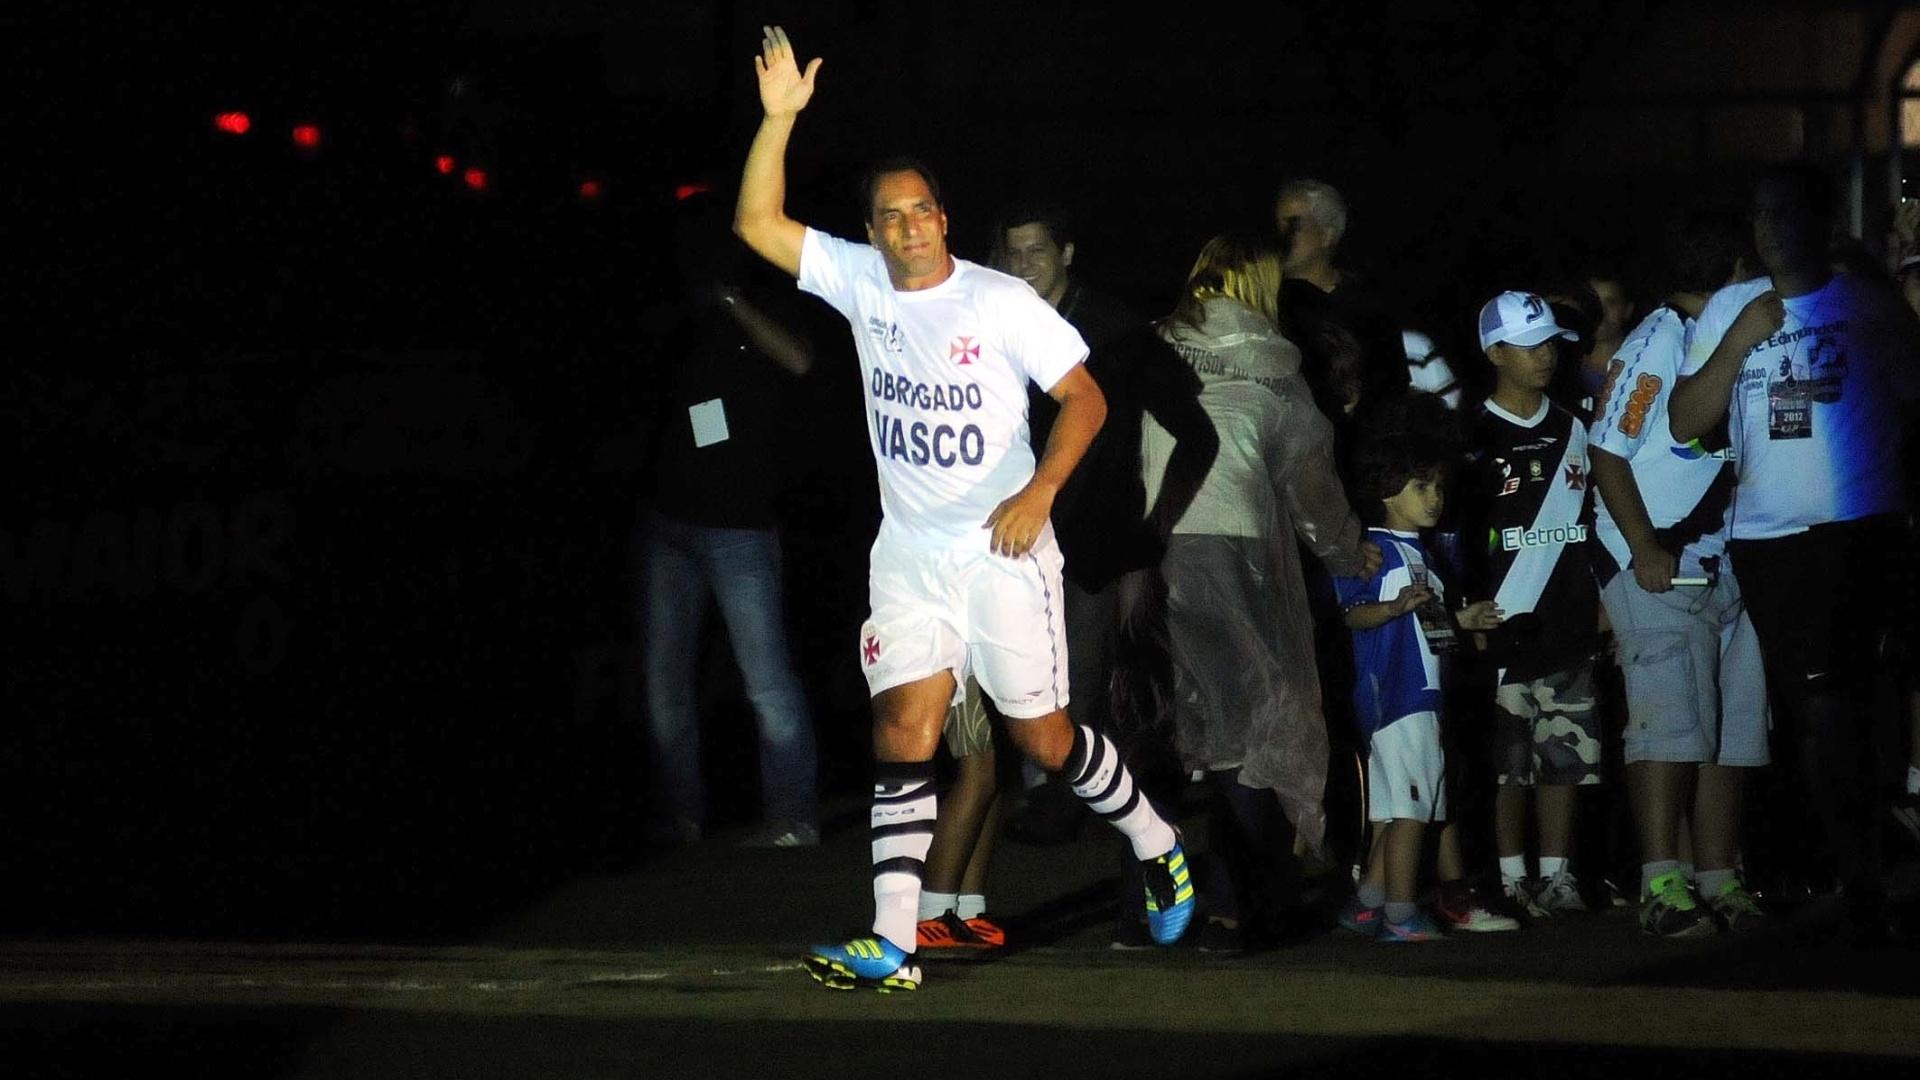 Edmundo entra em campo para partida de despedida pelo Vasco, contra o Barcelona (EQU), em São Januário